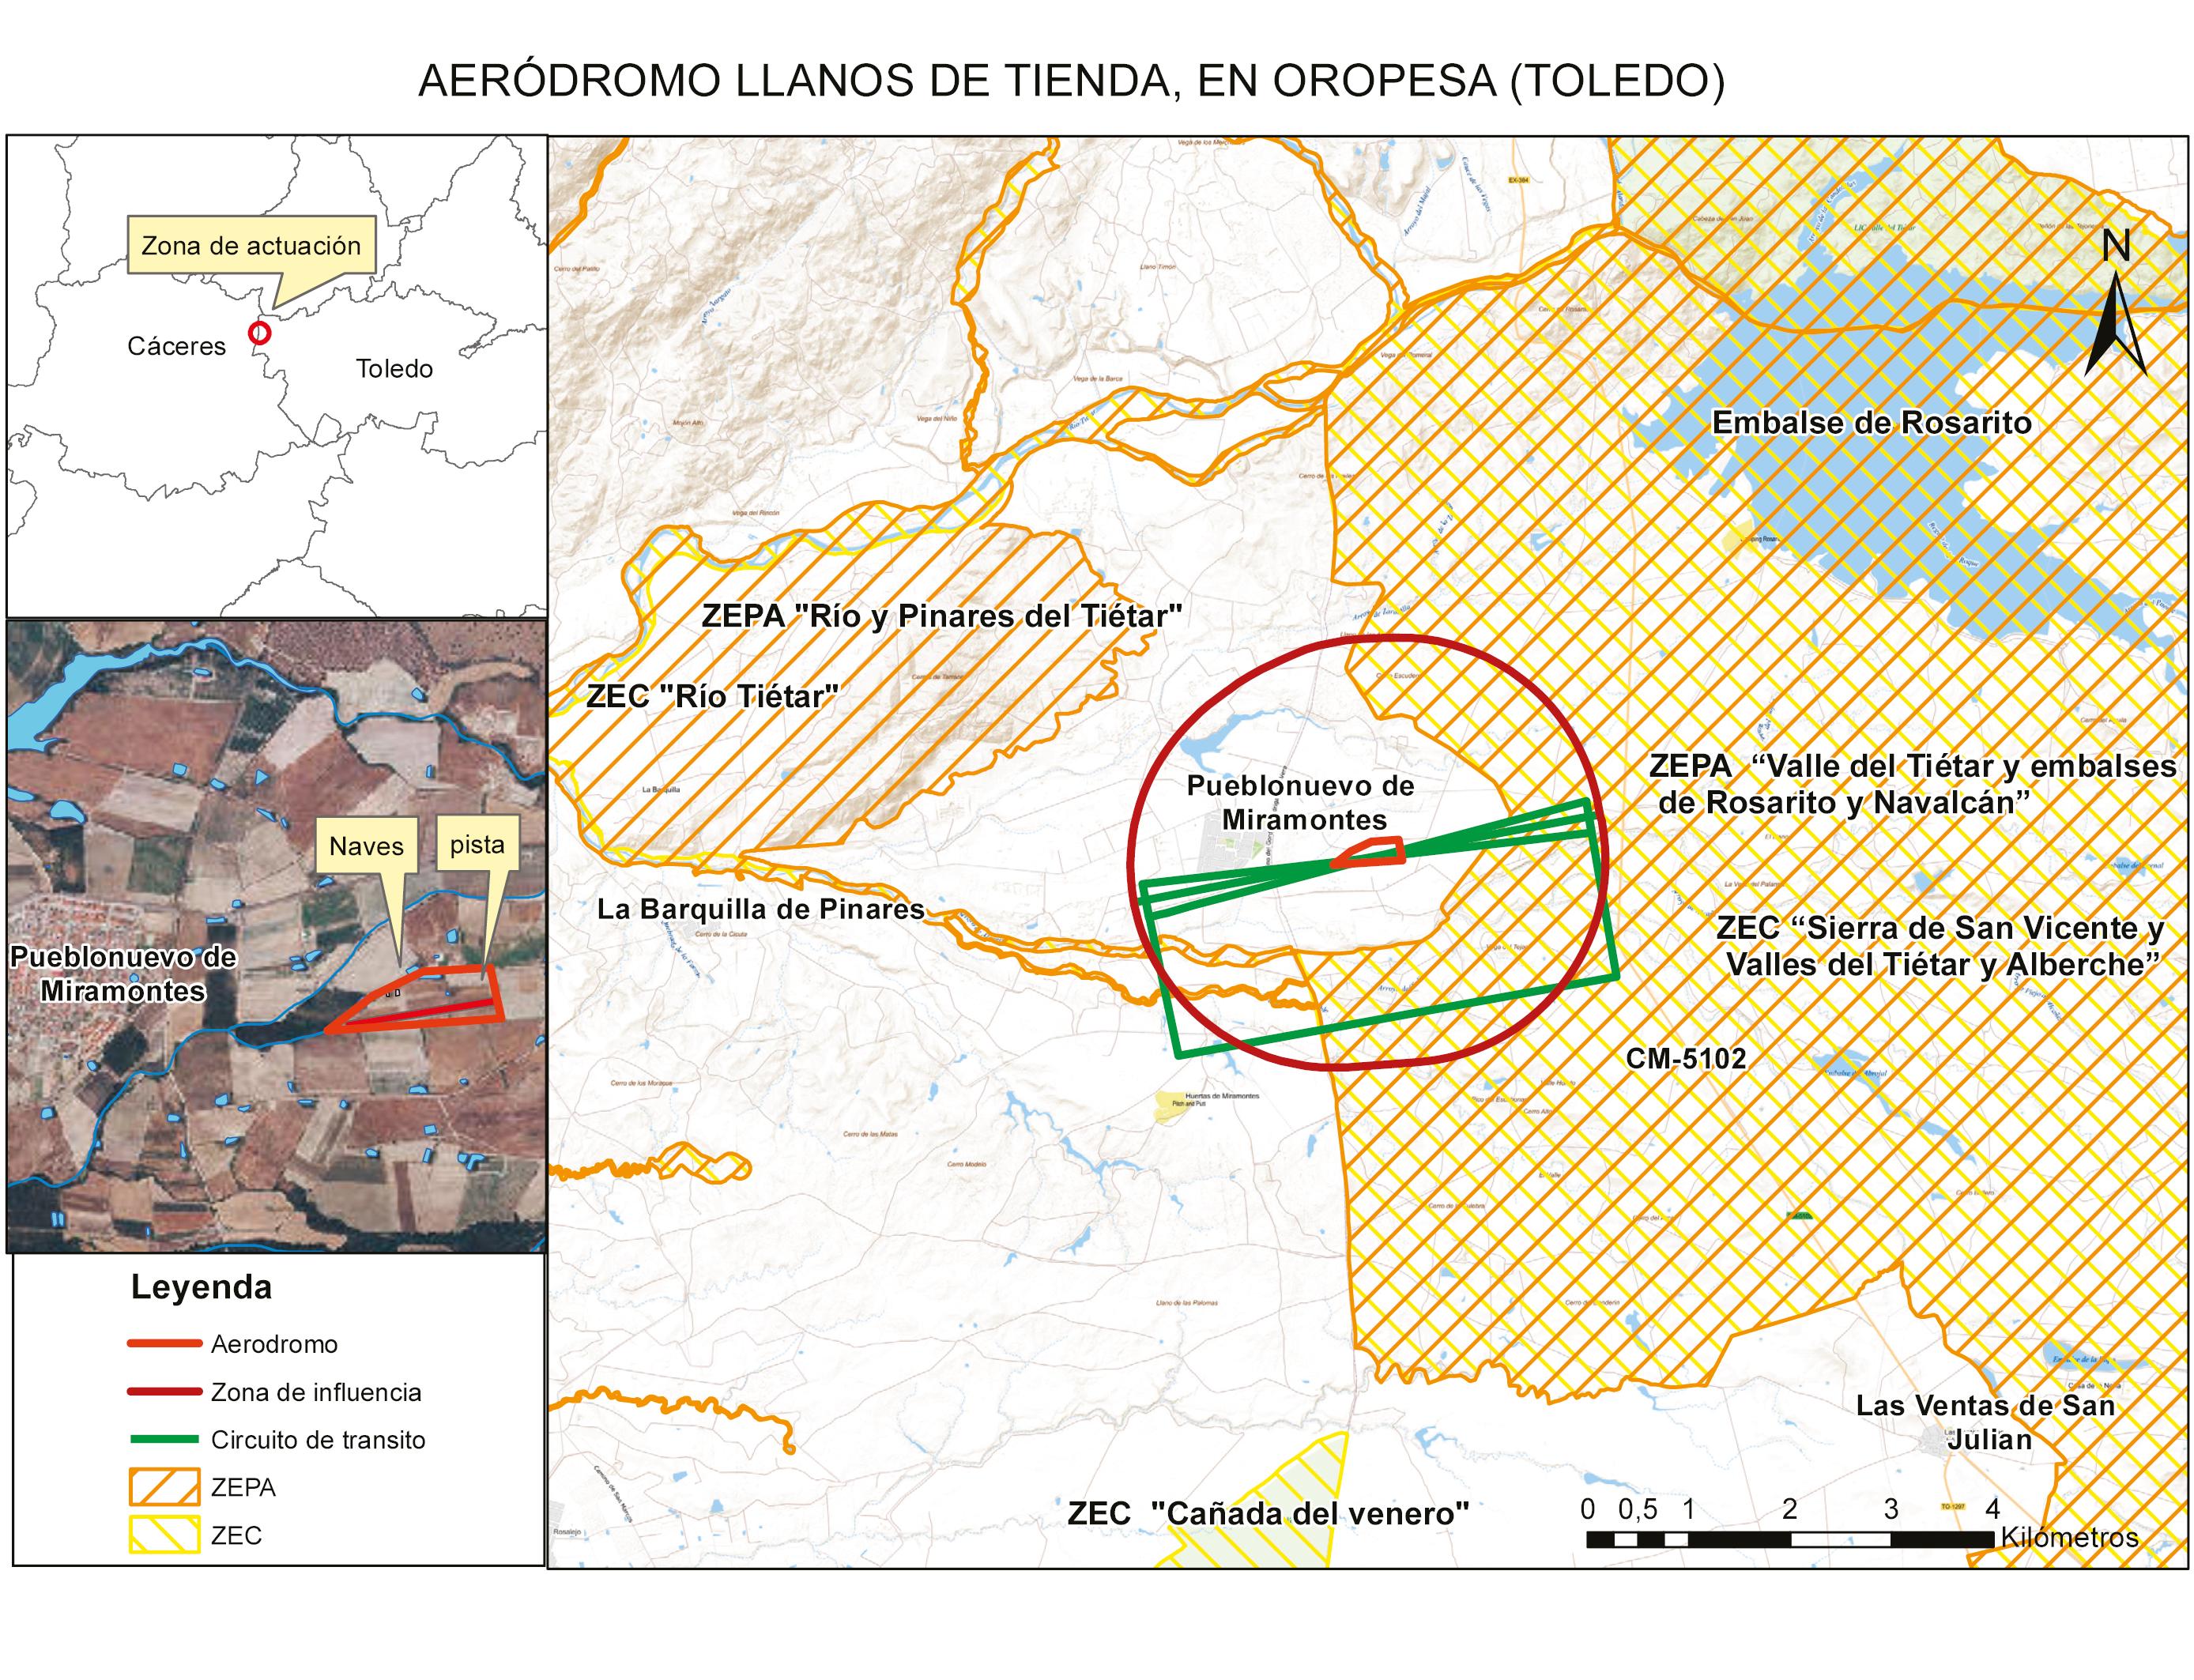 Aeródromo Llanos de Tienda, en Oropesa (Toledo).Pueblonuevo de Miramontes